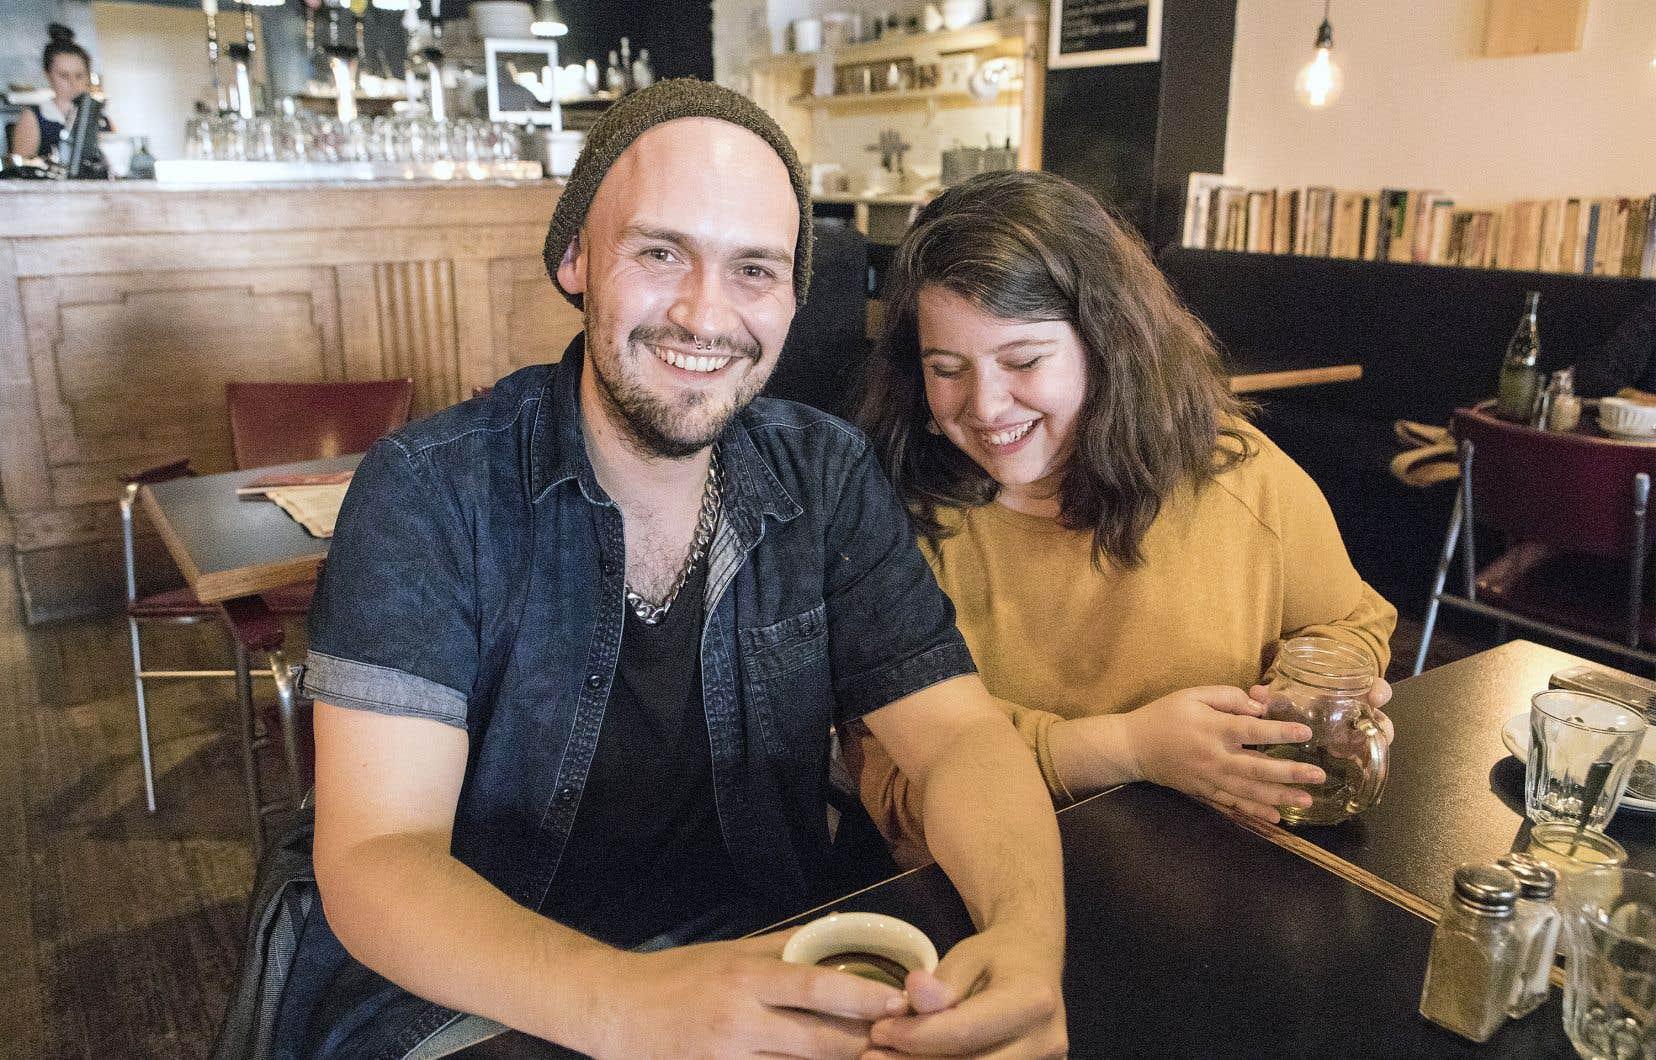 Lors d'une conversation durant leur formation, respectivement en écriture et en mise en scène, à l'École nationale de théâtre, Frédéric Sasseville-Painchaud et Pascale St-Onge ont réalisé qu'ils étaient tous deux des «pratiquants» de BDSM.